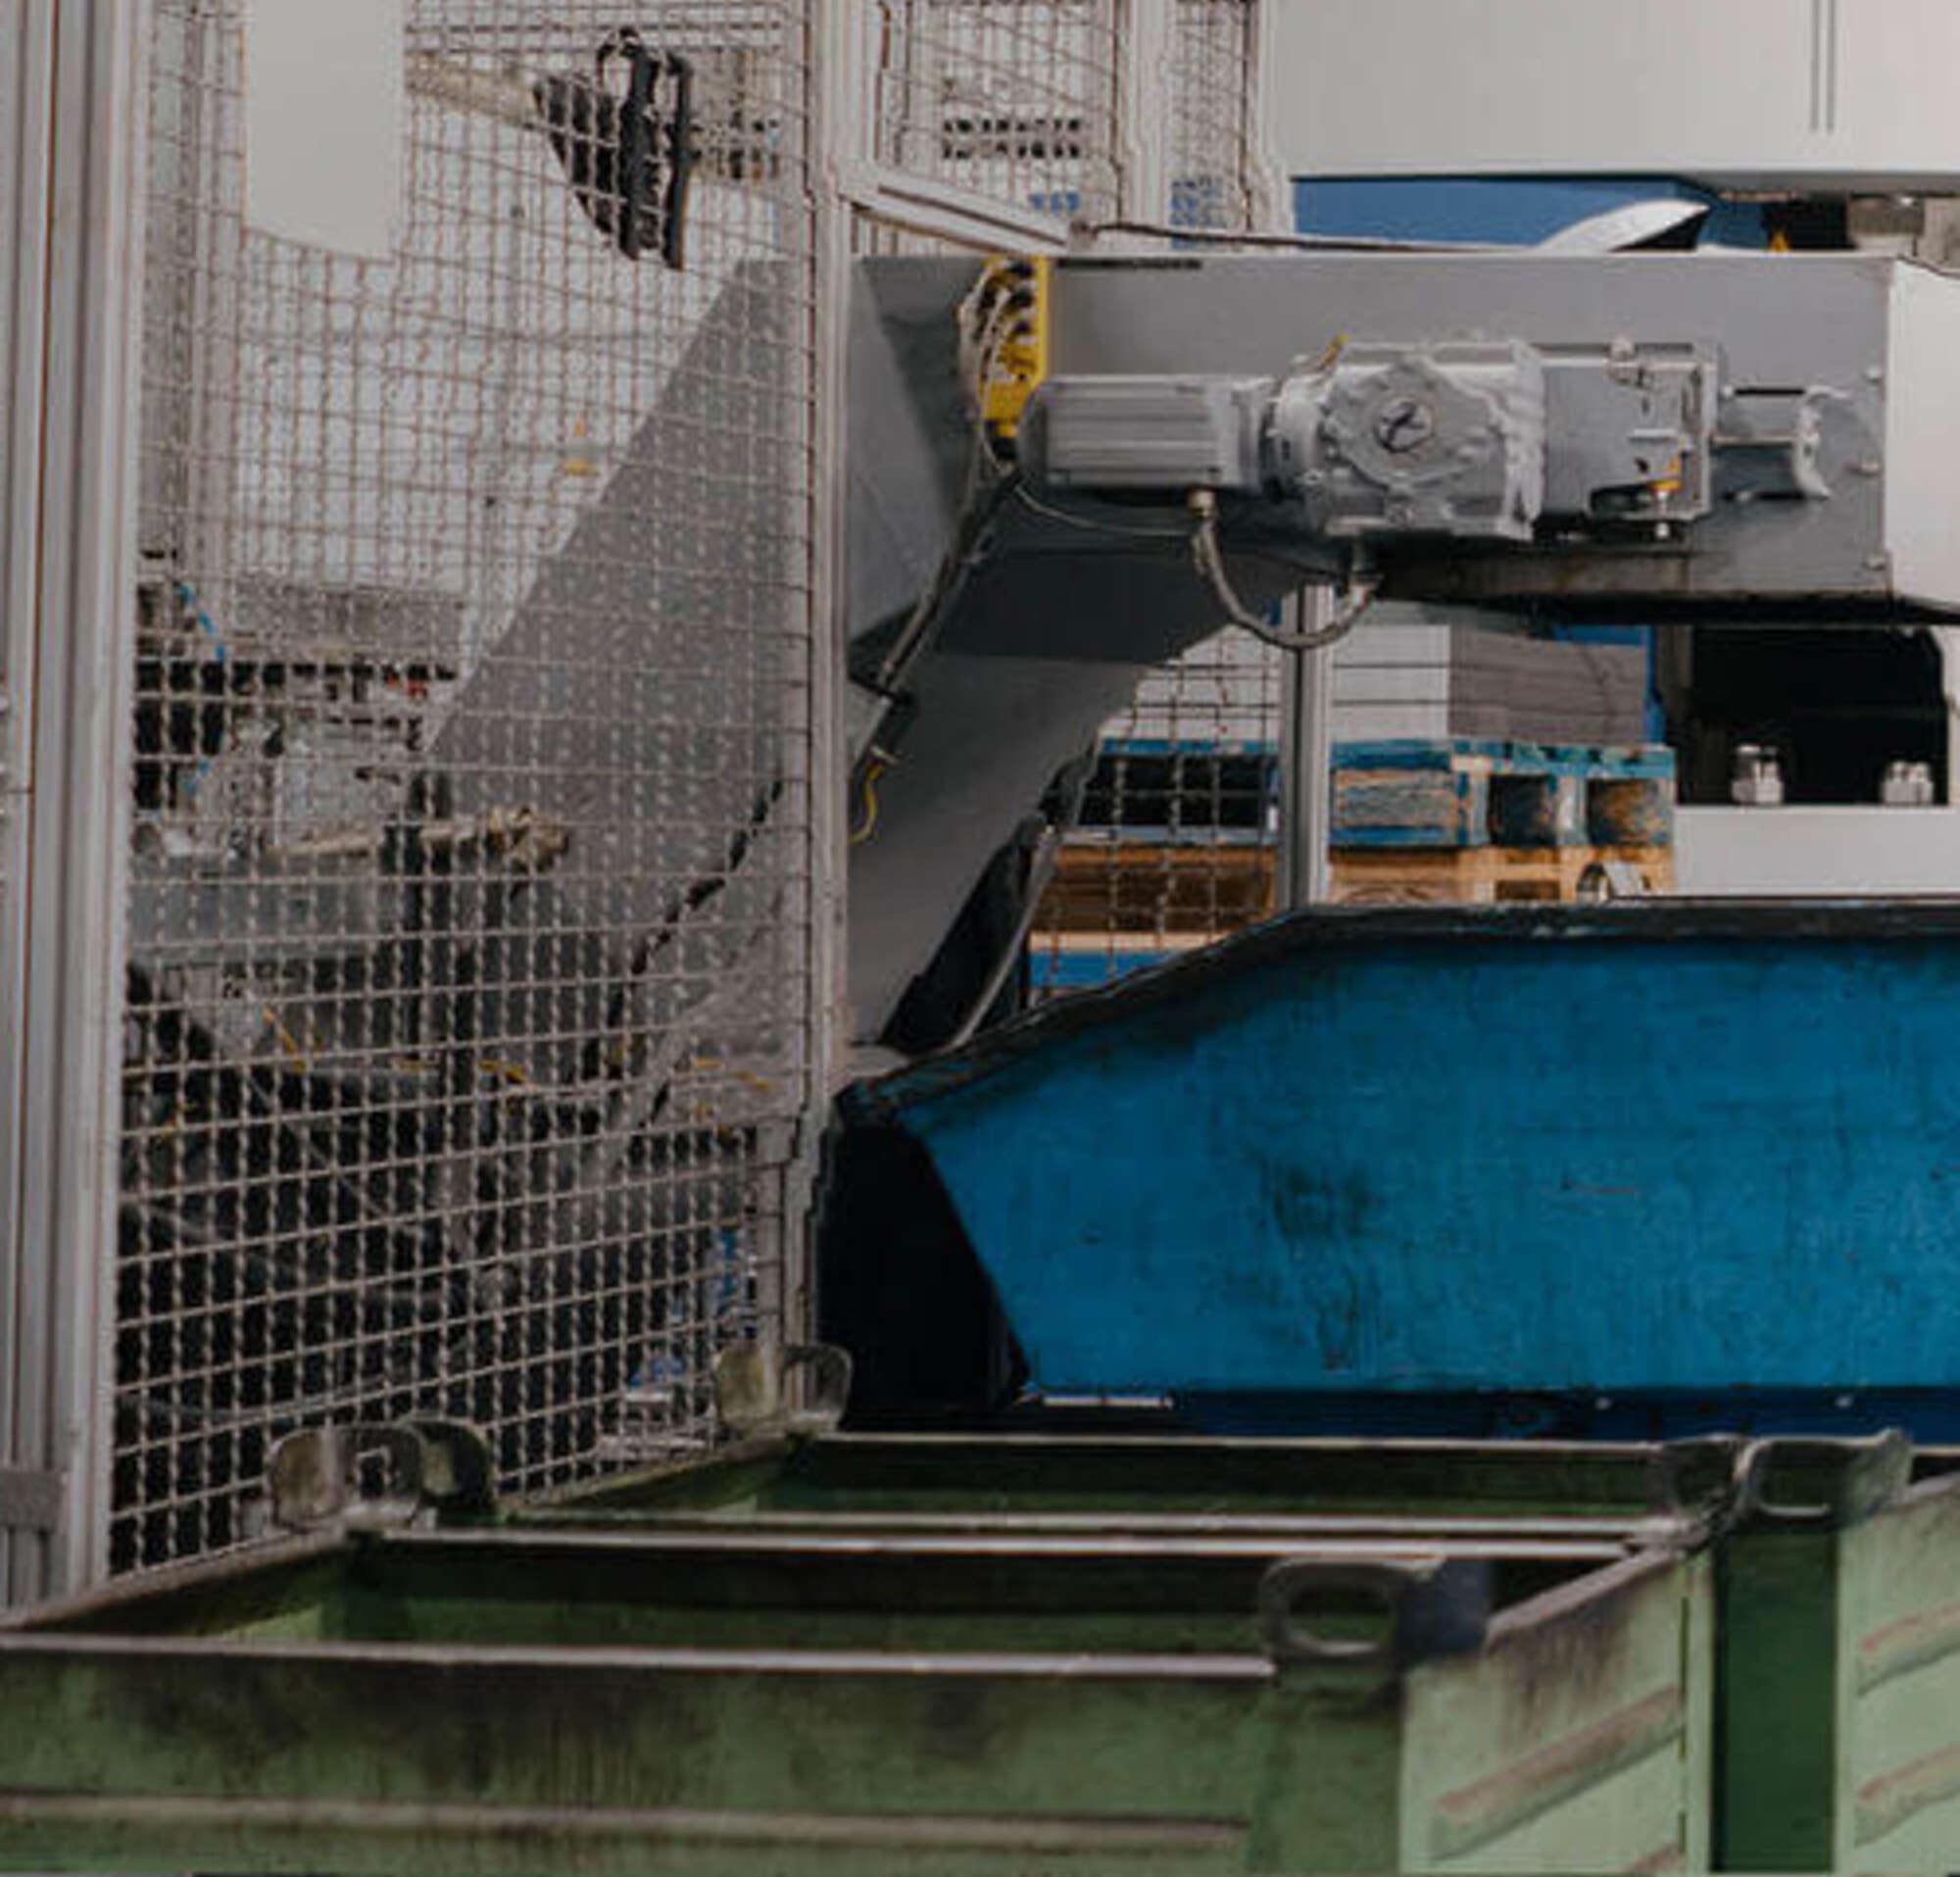 Um homem de terno andando com um operário dentro de uma fábrica com grandes máquinas